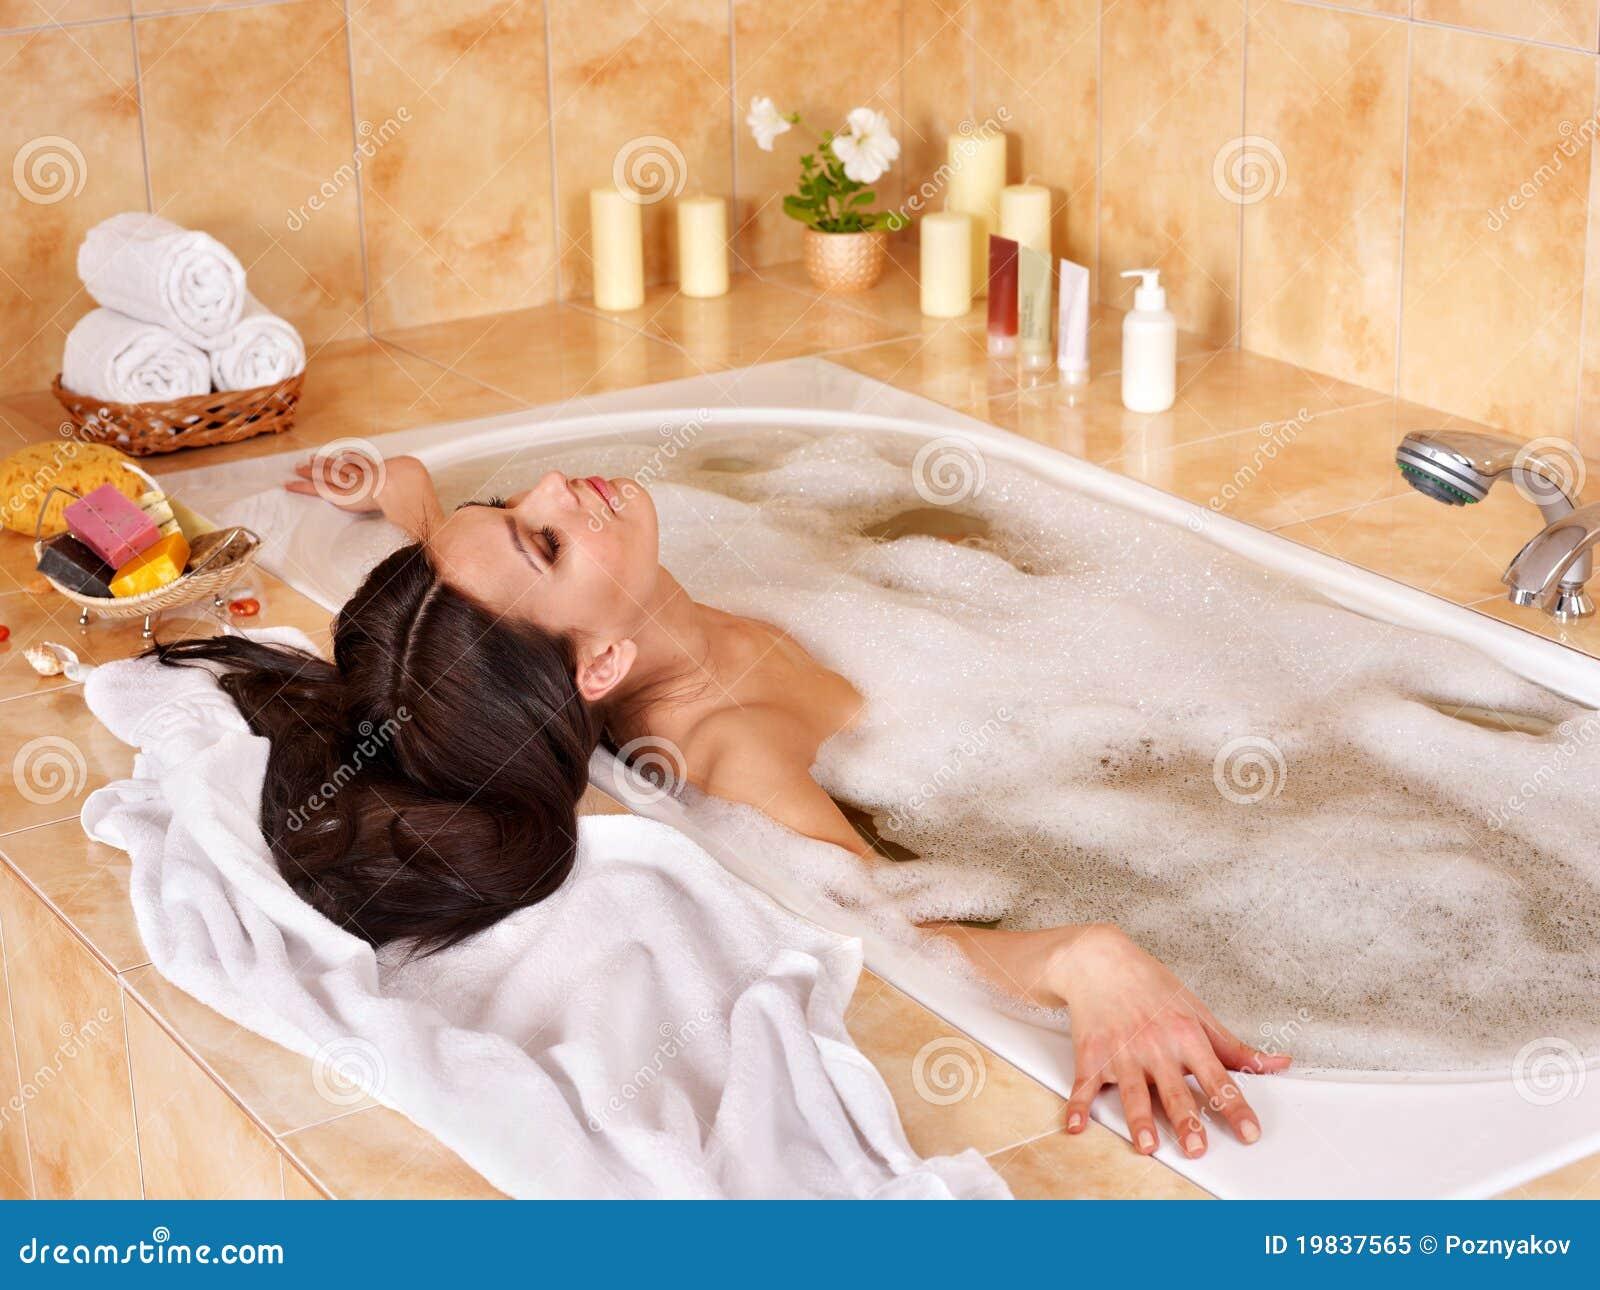 Сосут в ванной фото 6 фотография